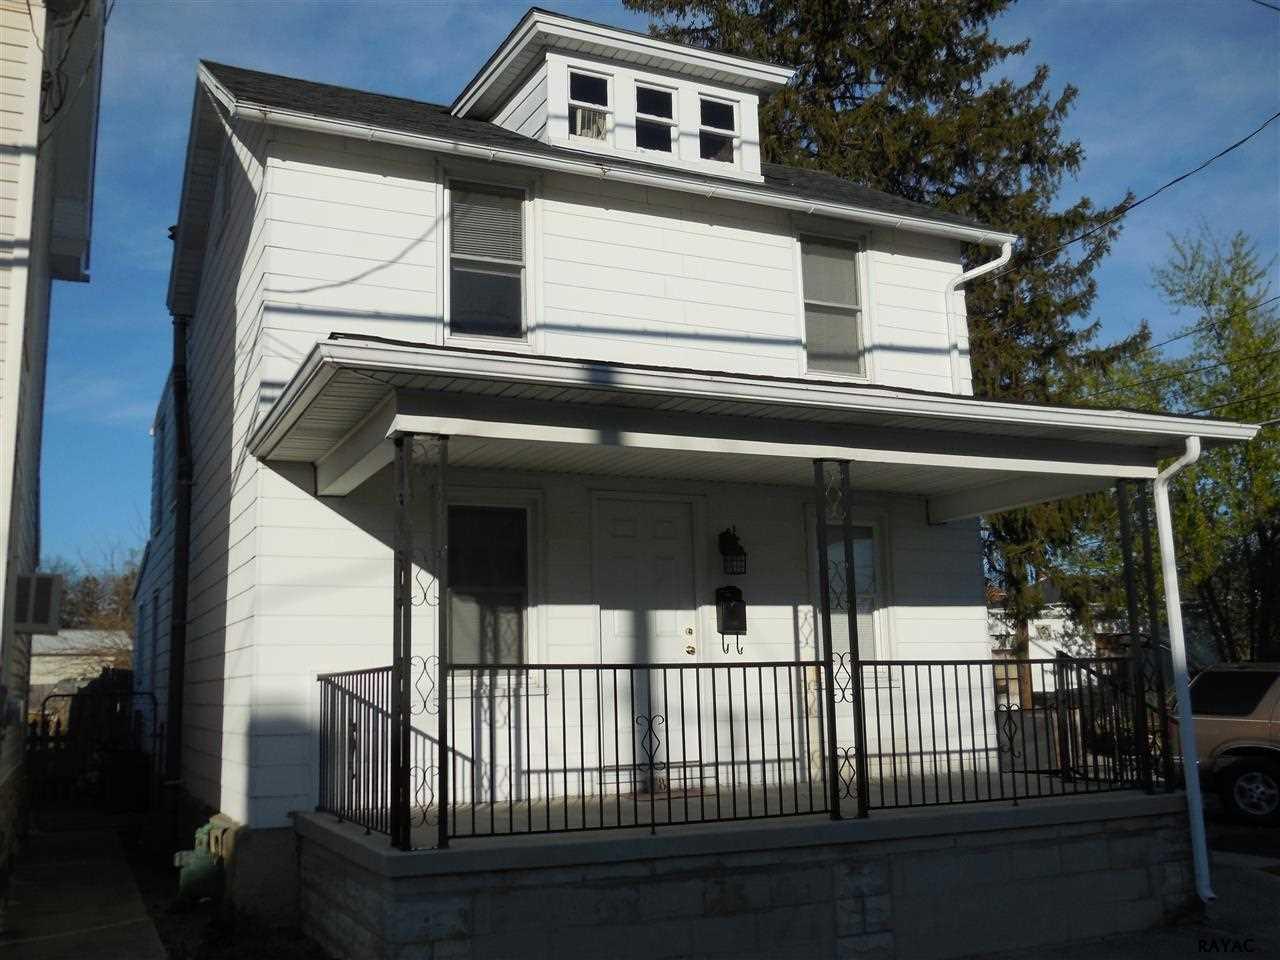 18 N 6th St, McSherrystown, PA 17344